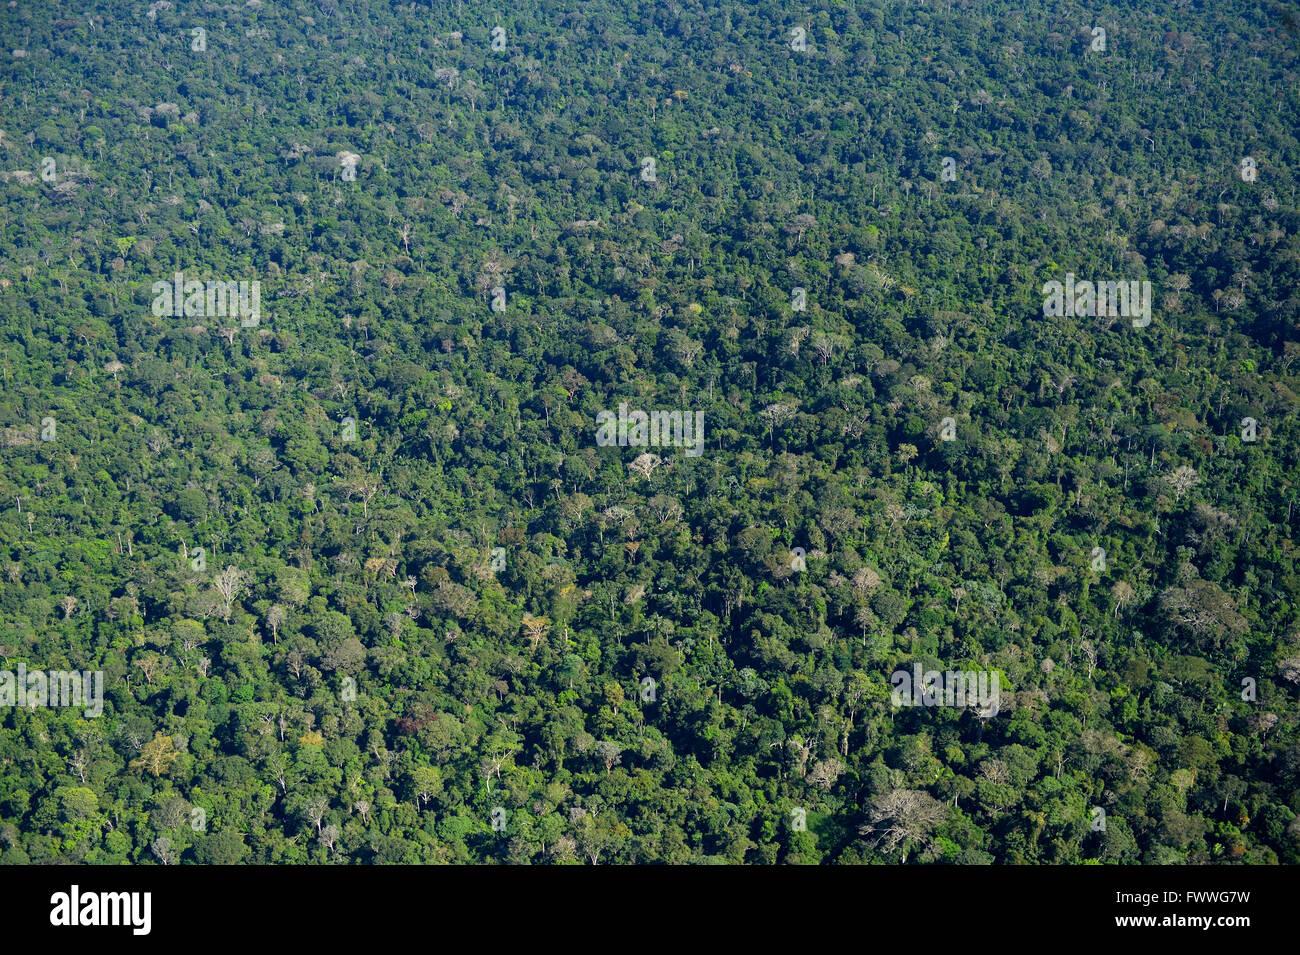 Forêt amazonienne entre Itaituba et Trairão, vue aérienne, Pará, Brésil Photo Stock